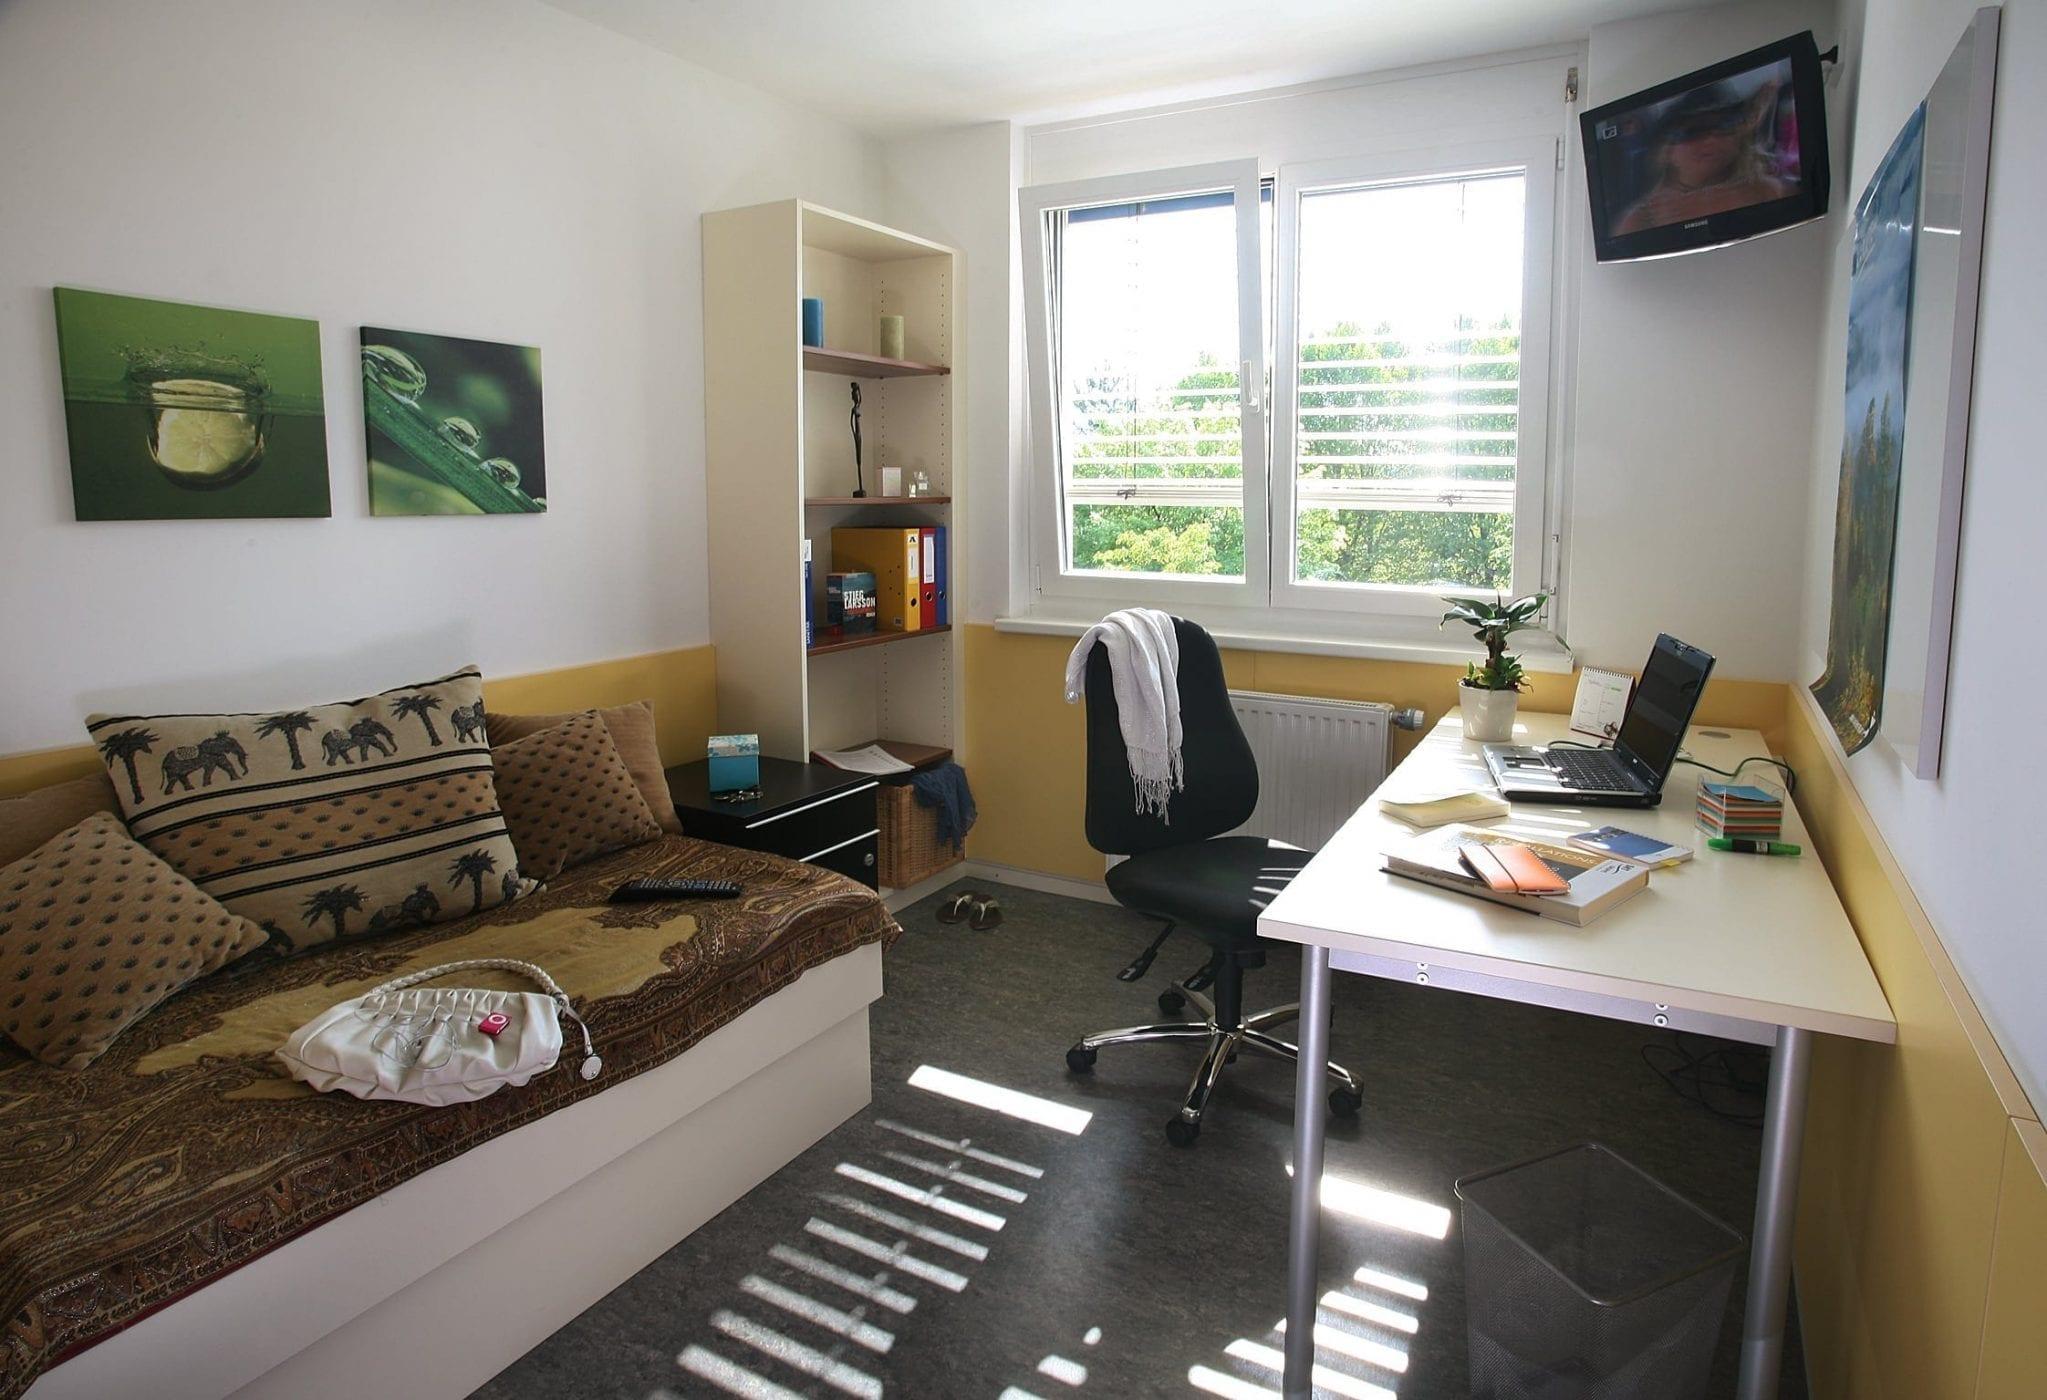 Einzelzimmer mit TV Gerät, Bett, Schreibtisch, Bücherregal